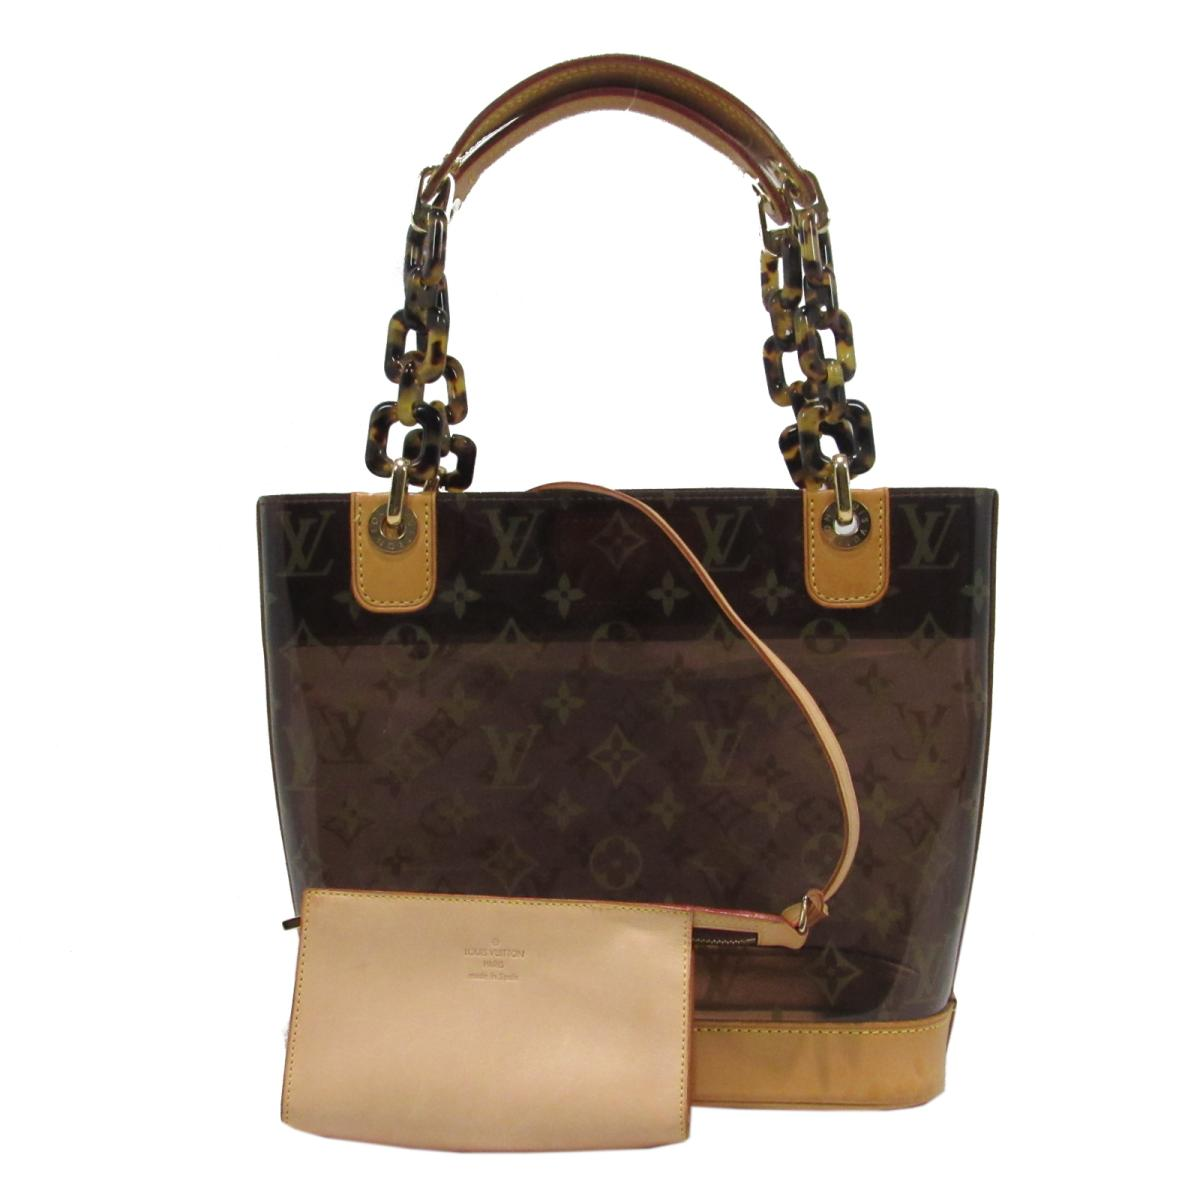 【中古】 ルイヴィトン カバ・アンブルPM トートバッグ ハンドバッグ レディース モノグラム・ビニール (M92502)   LOUIS VUITTON ハンドバック バッグ バック 鞄 カバン ブランドバッグ ブランドバック BAG ブランドオフ